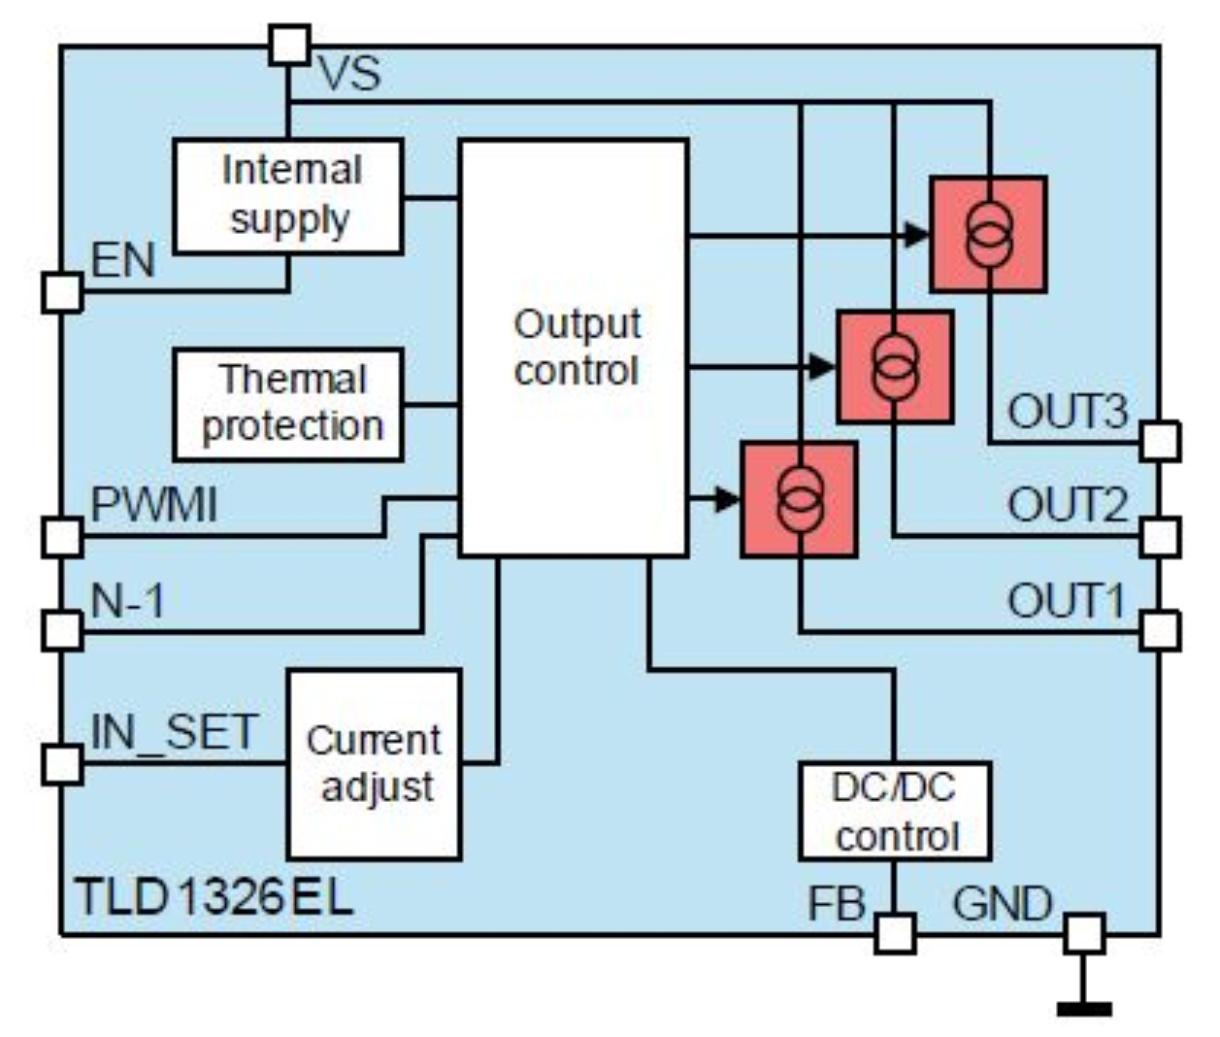 TLD1326EL - Infineon Technologies